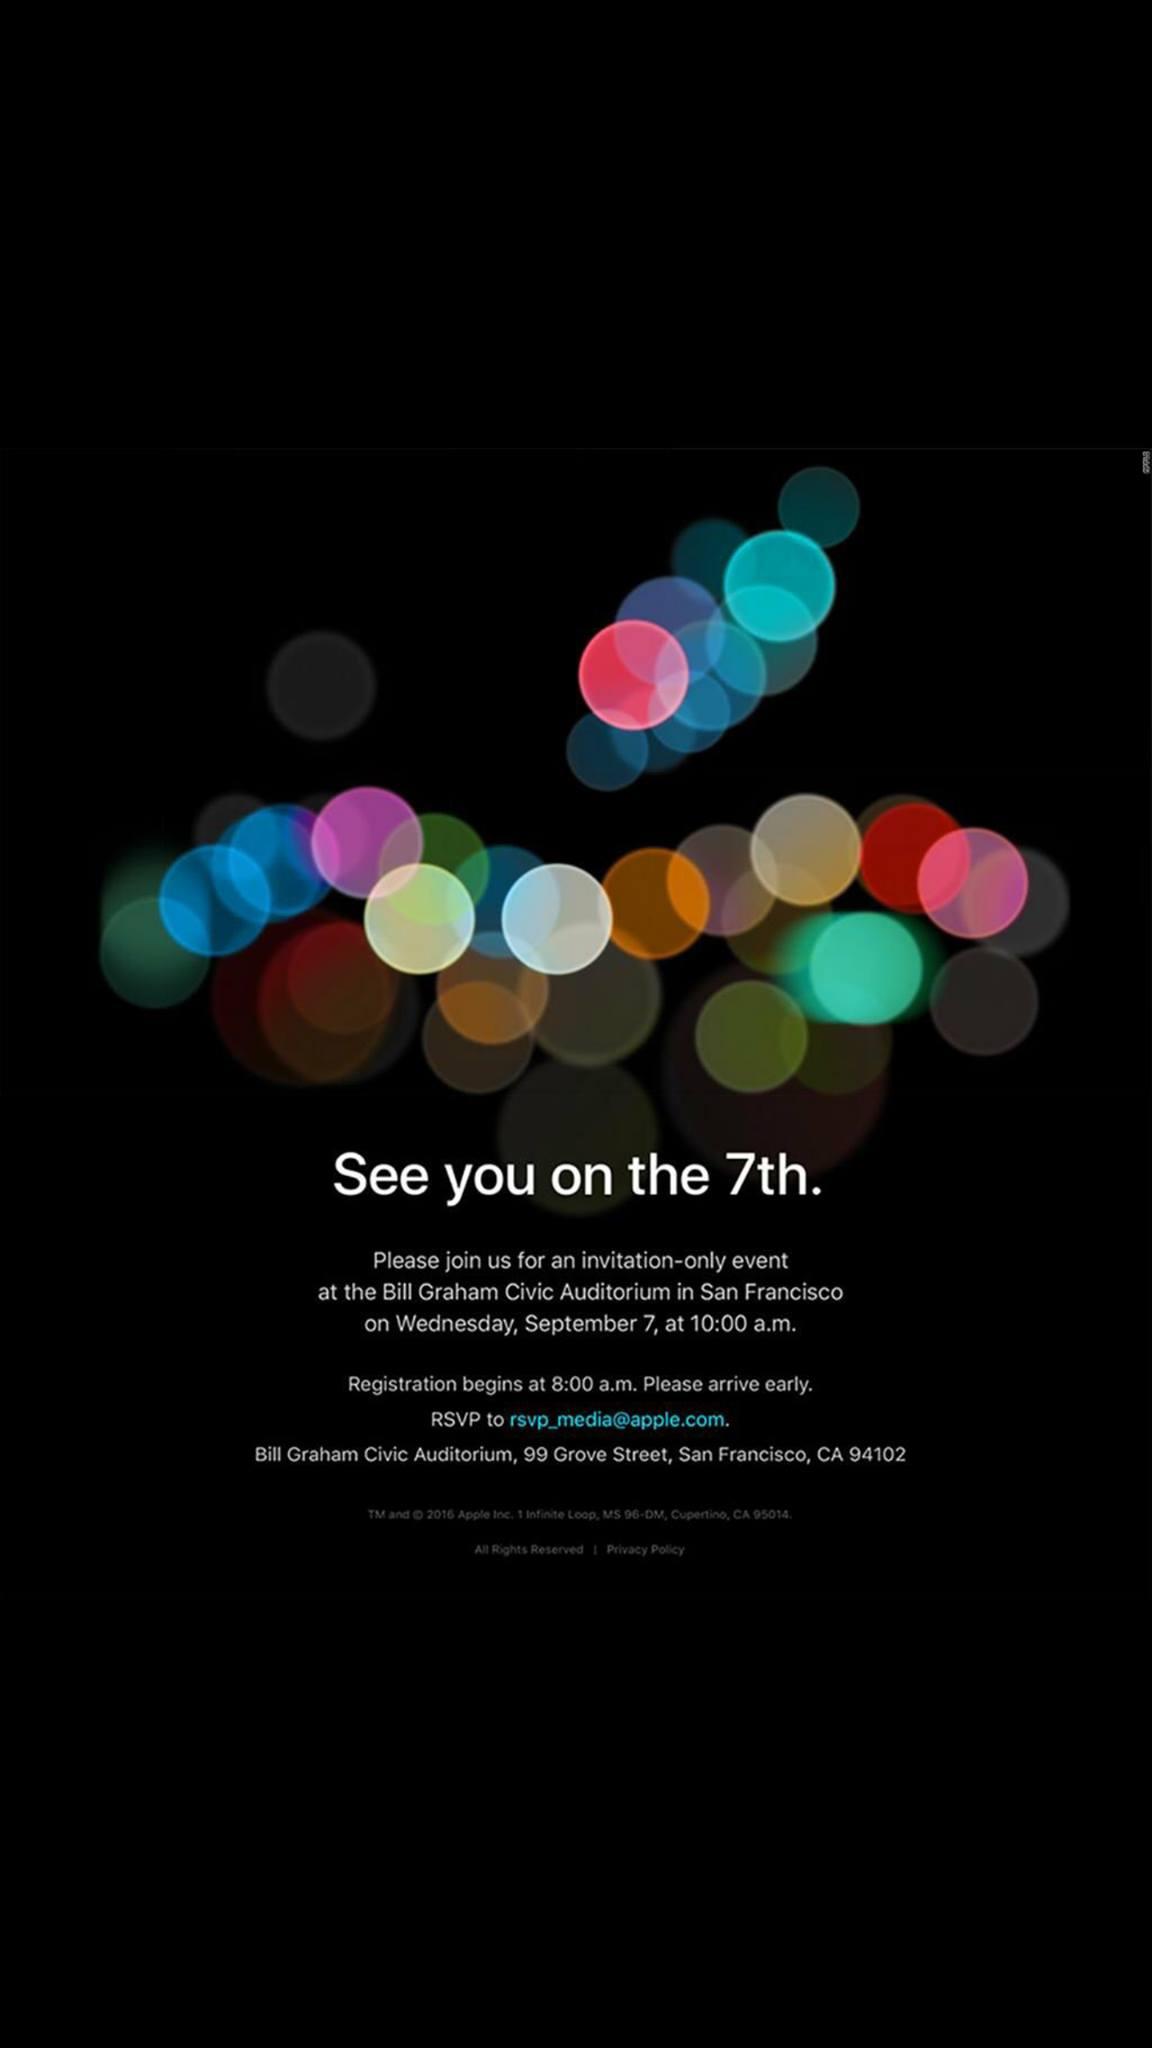 Apple Lansman Tarihi Açıklandı!